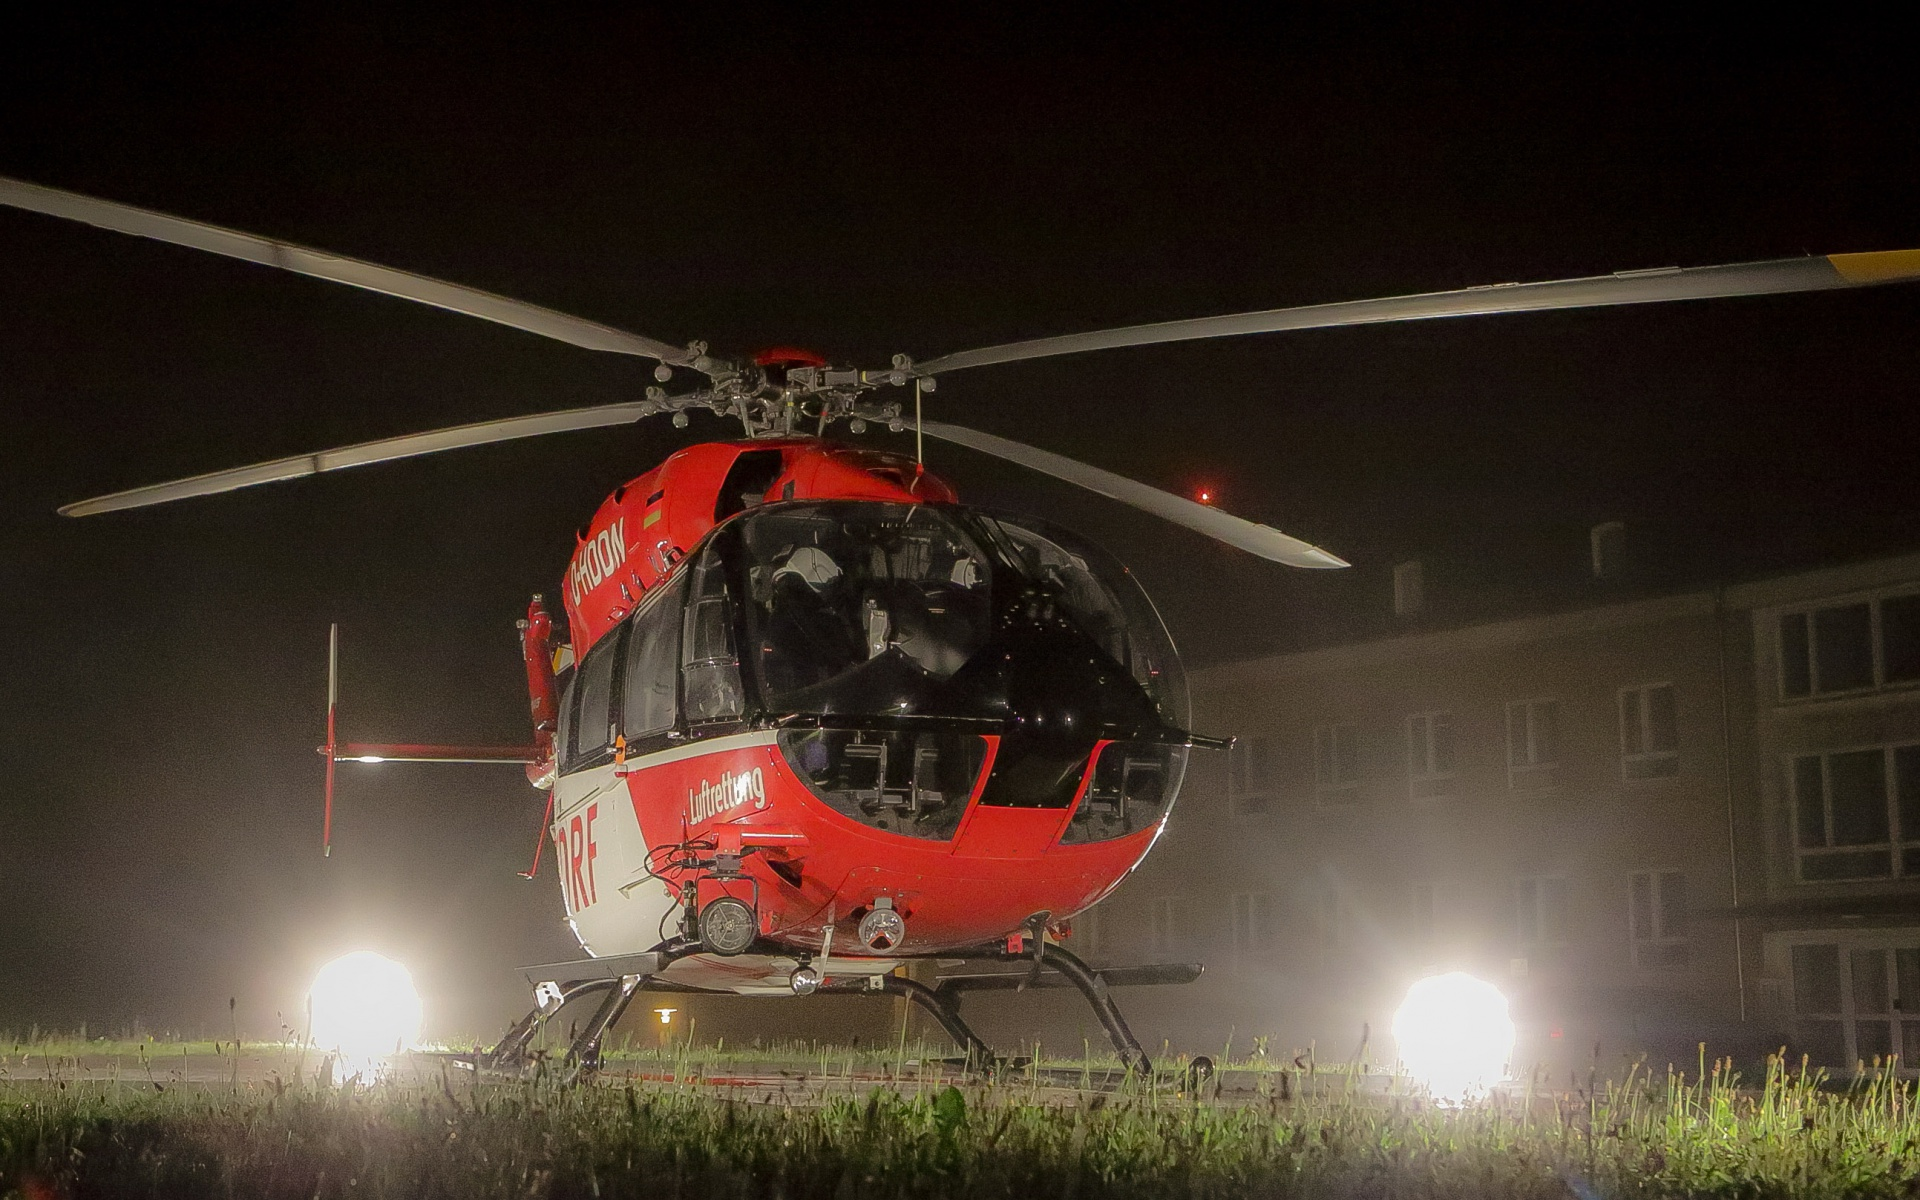 BAB Christoph Thüringen ist als einziger Hubschrauber des Landes auch nachts einsatzbereit